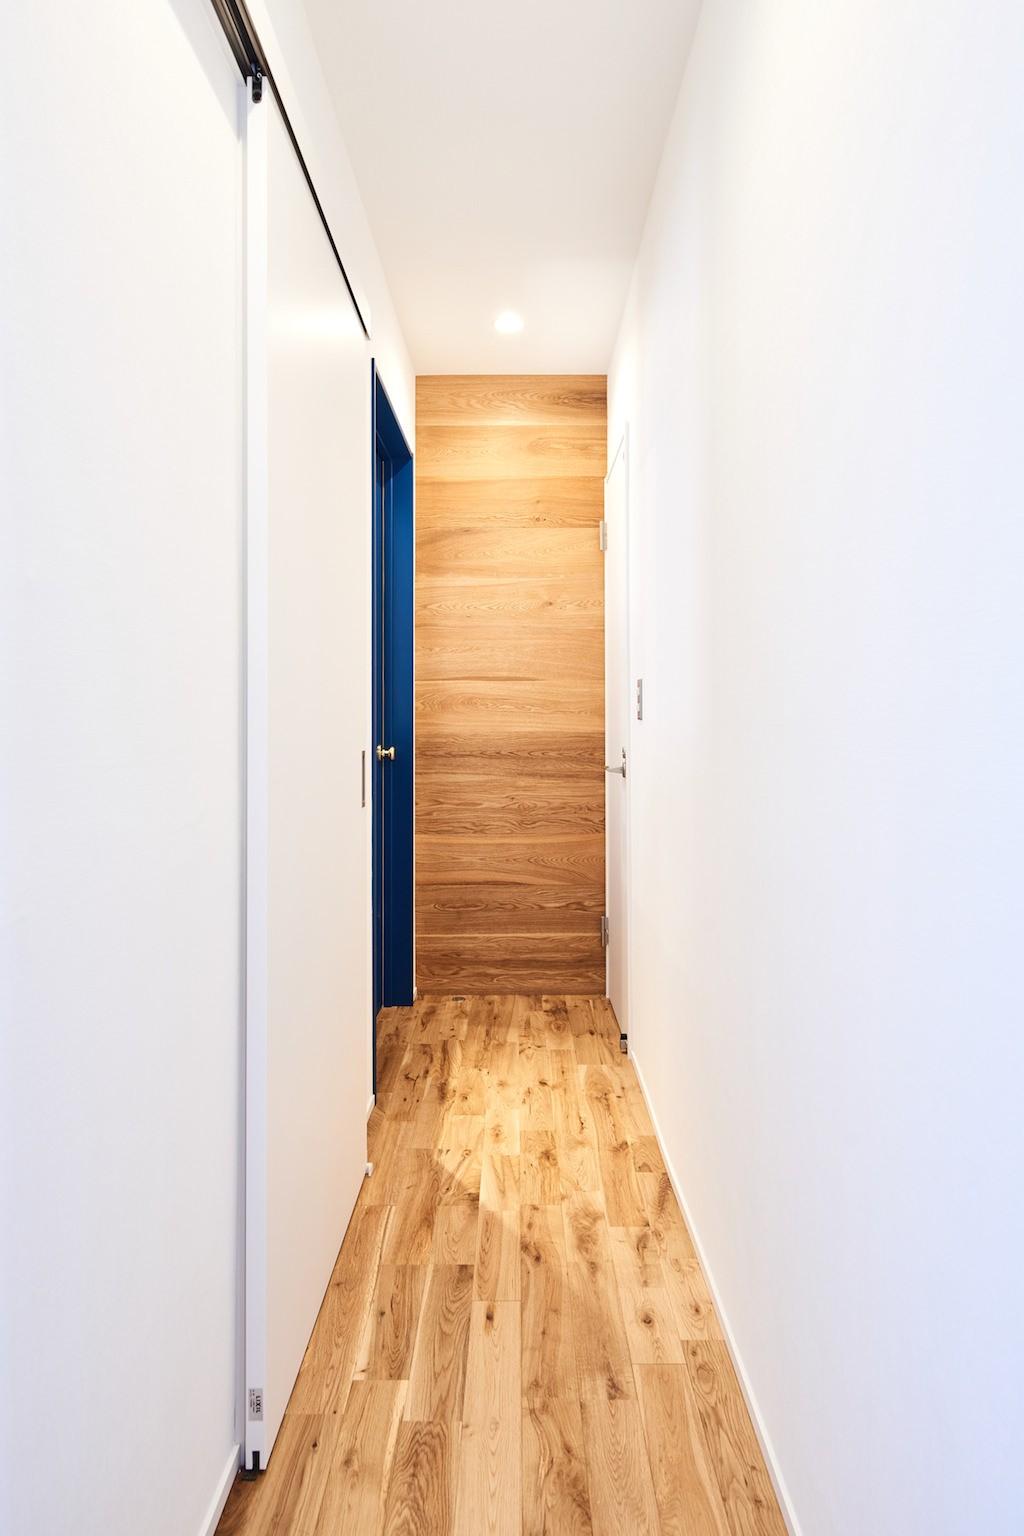 その他事例:廊下(木の温もり溢れる上質な住まい)